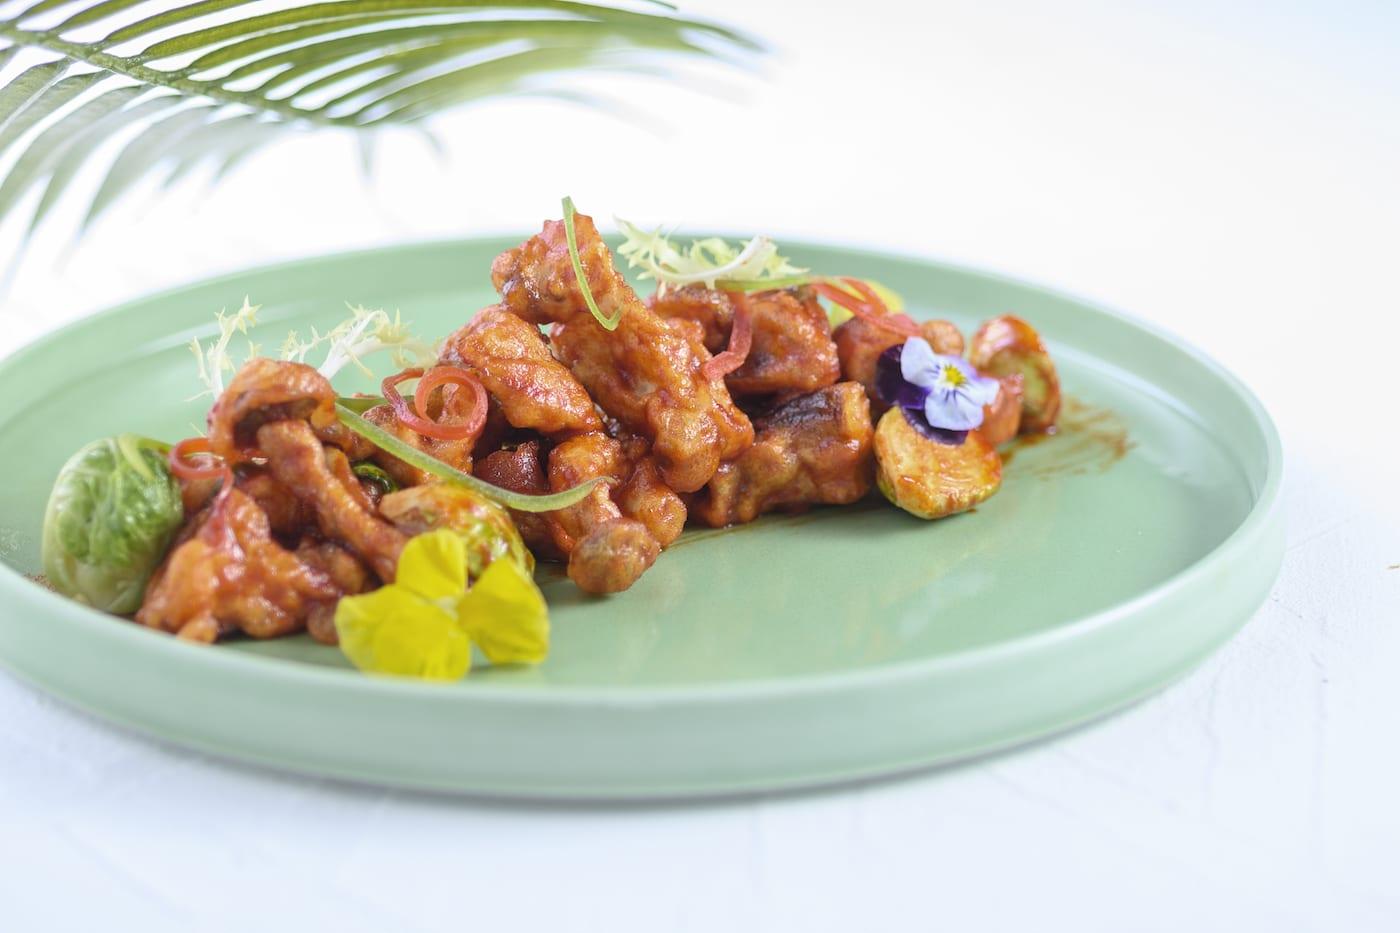 Sweet & Spicy mushrooms